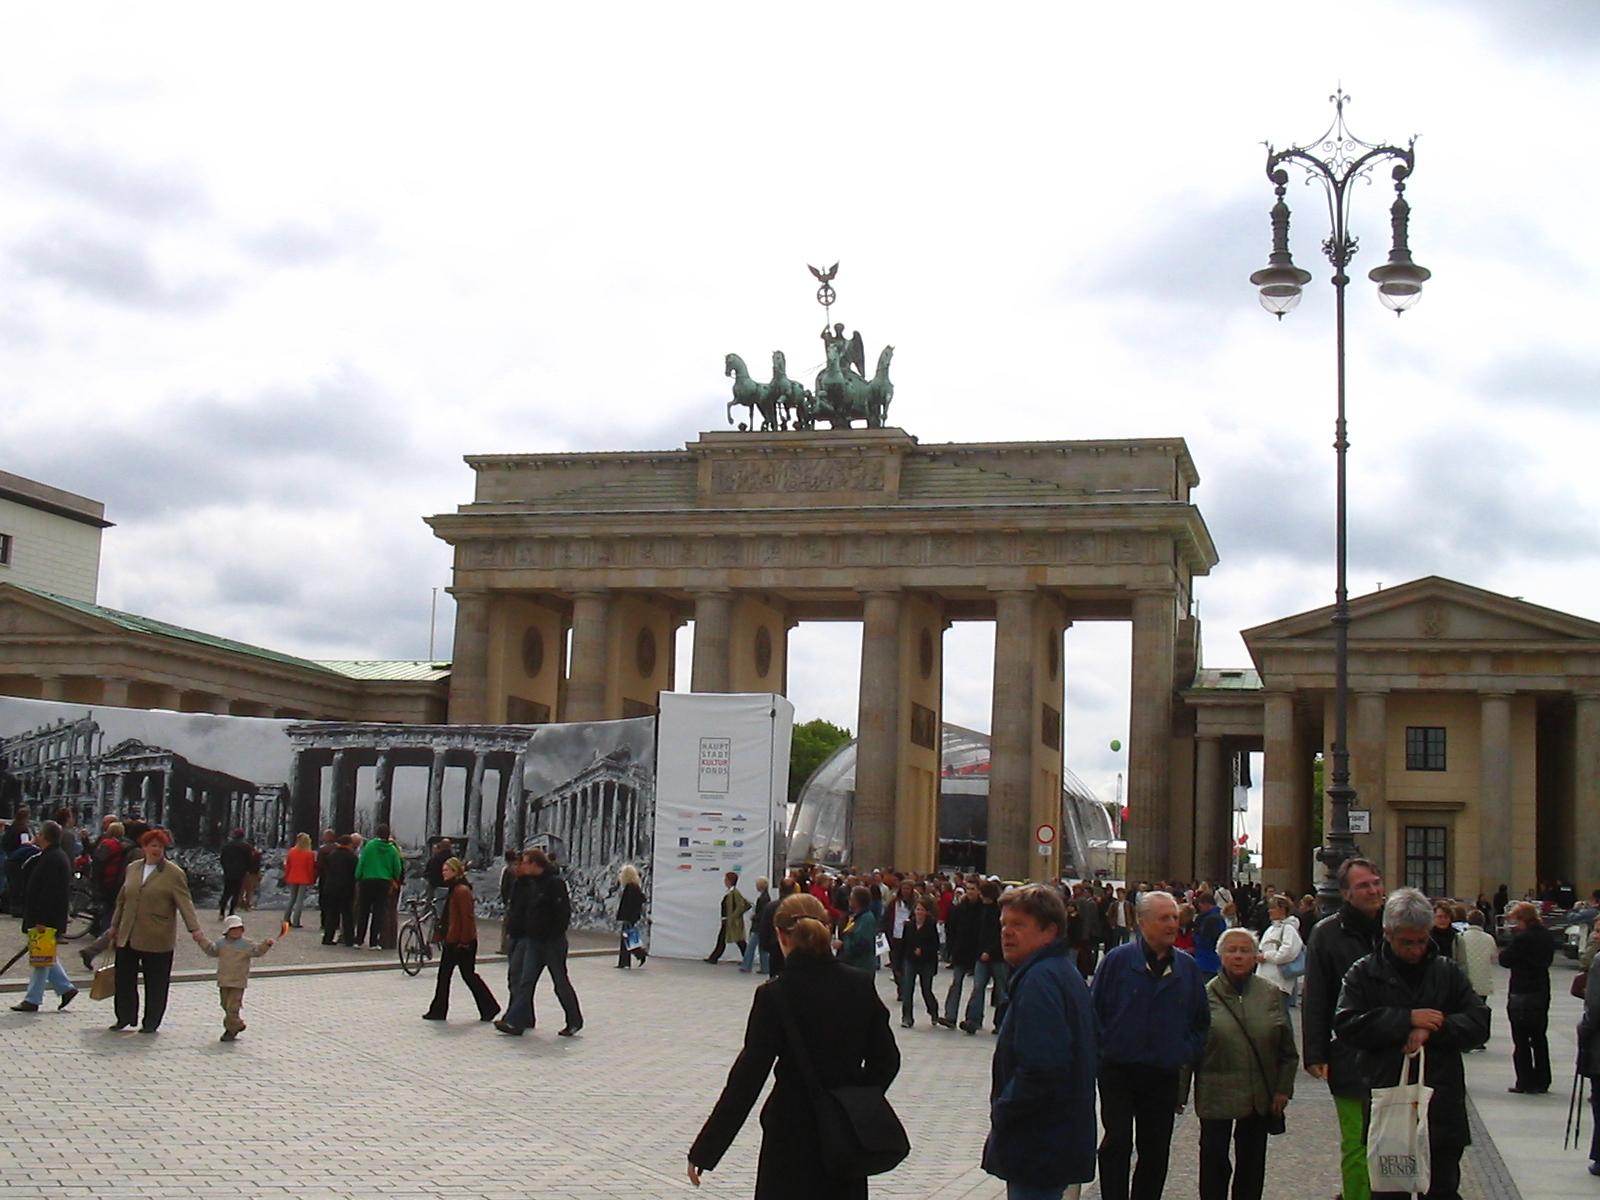 Puerta de Bradenburgo, Berlin